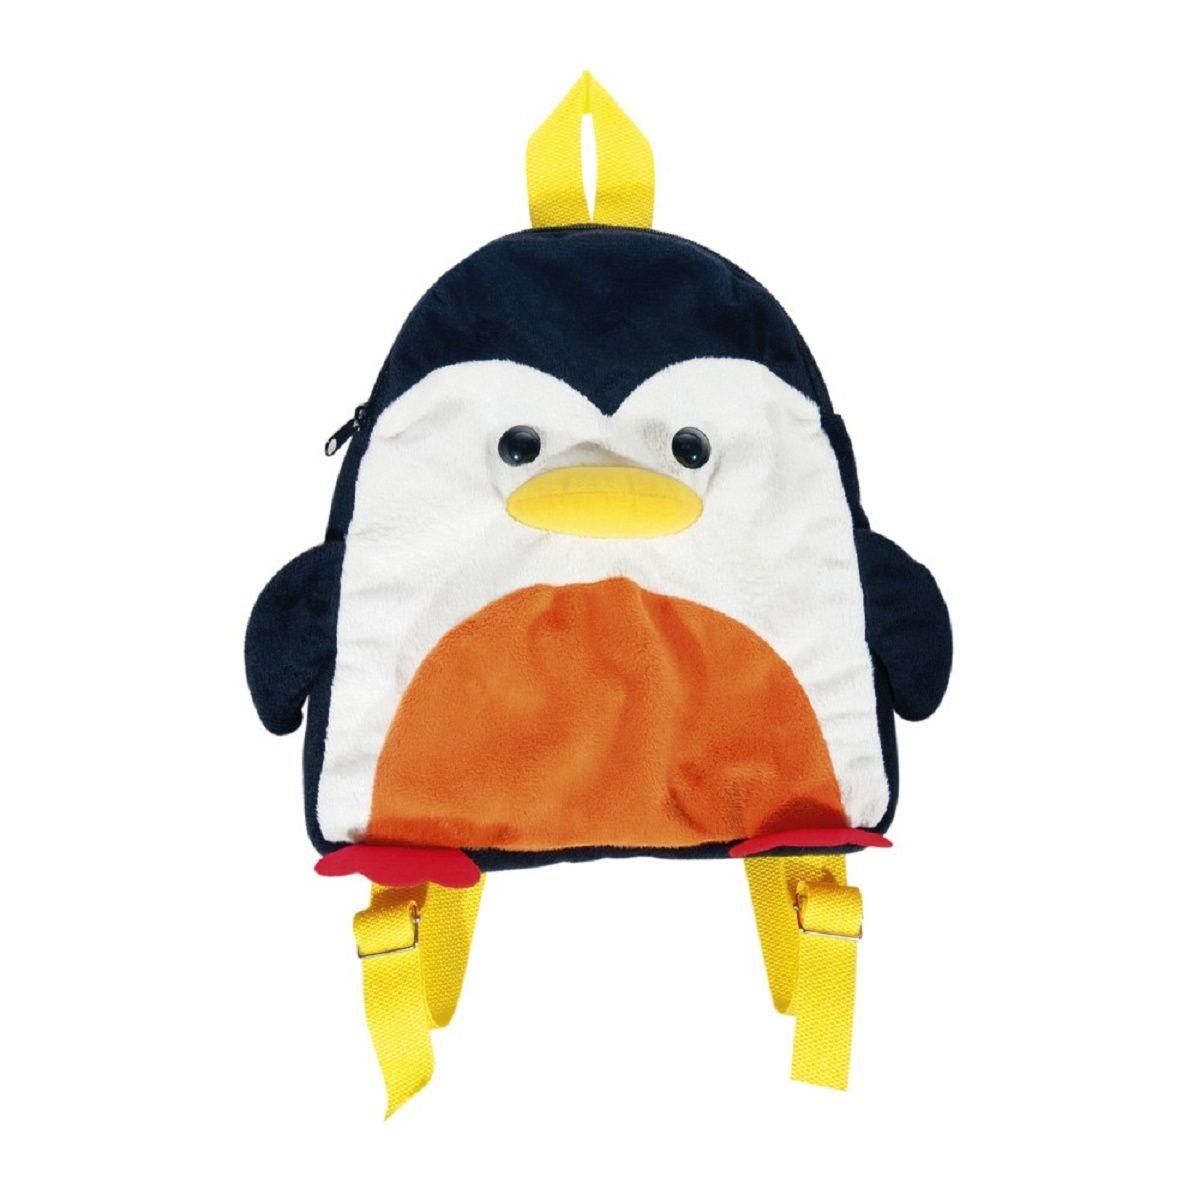 Fancy Мягкая игрушка-рюкзак Пингвин72523WDДетская сумка-рюкзак